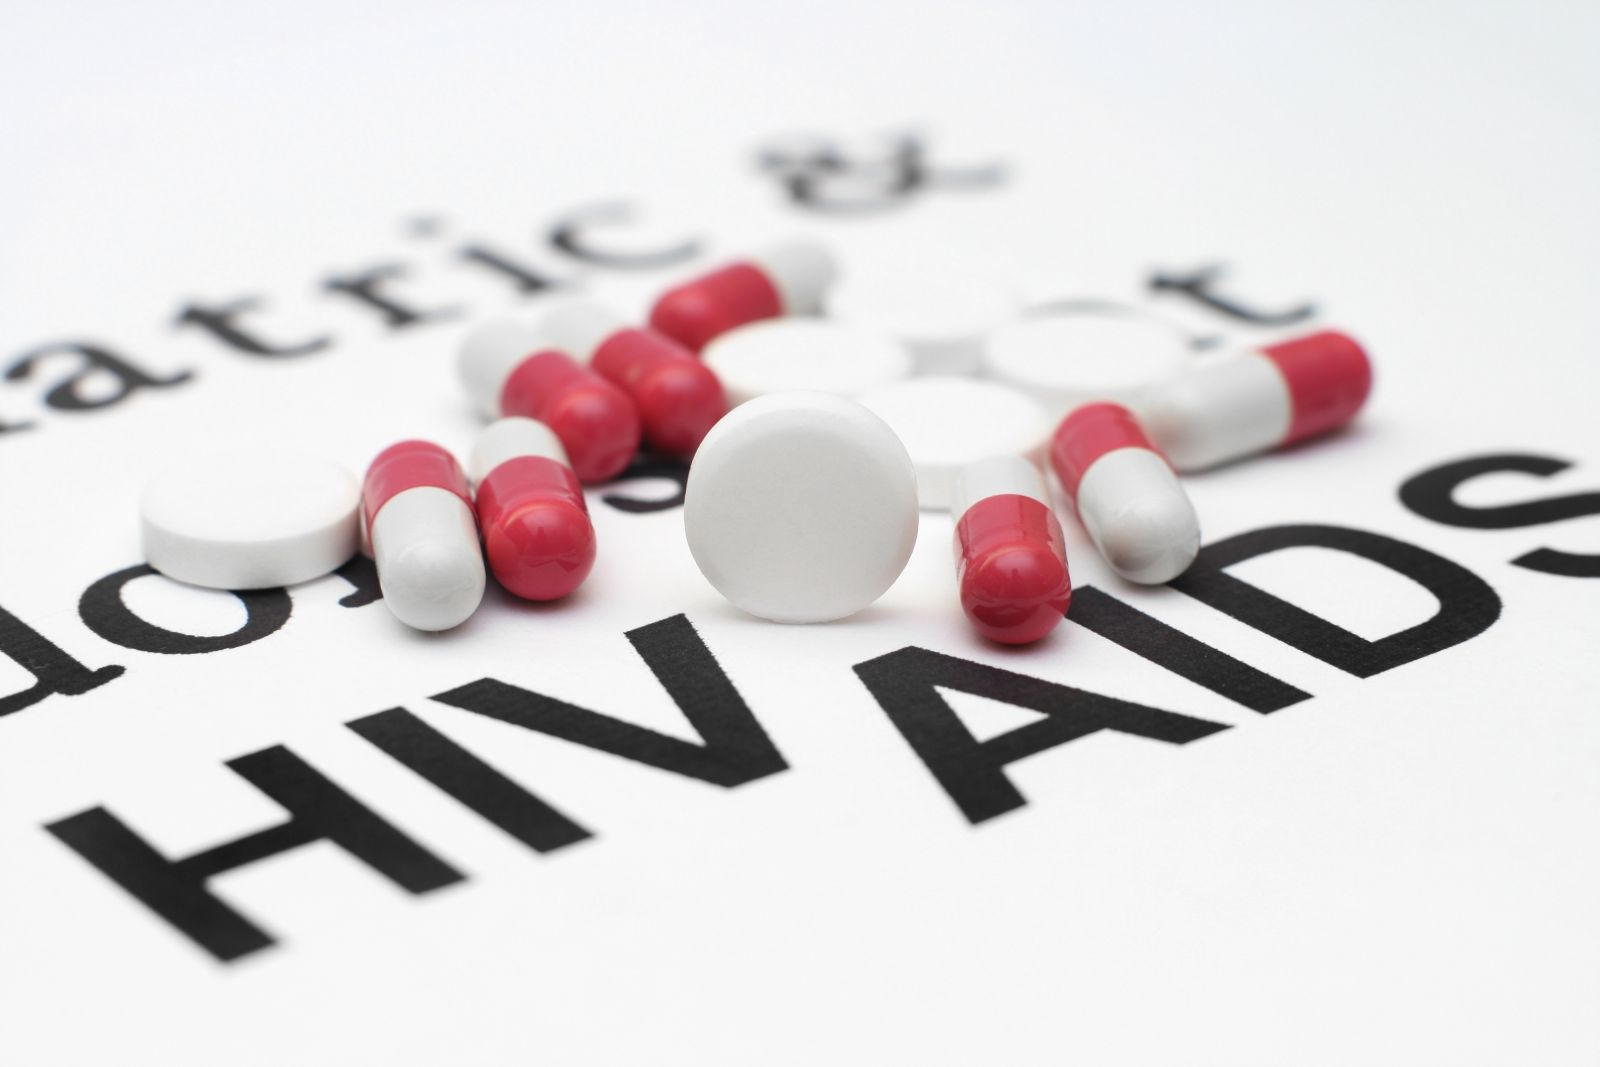 AIDS đã có kháng thể giúp cho bệnh không còn là căn bệnh của thế kỷ